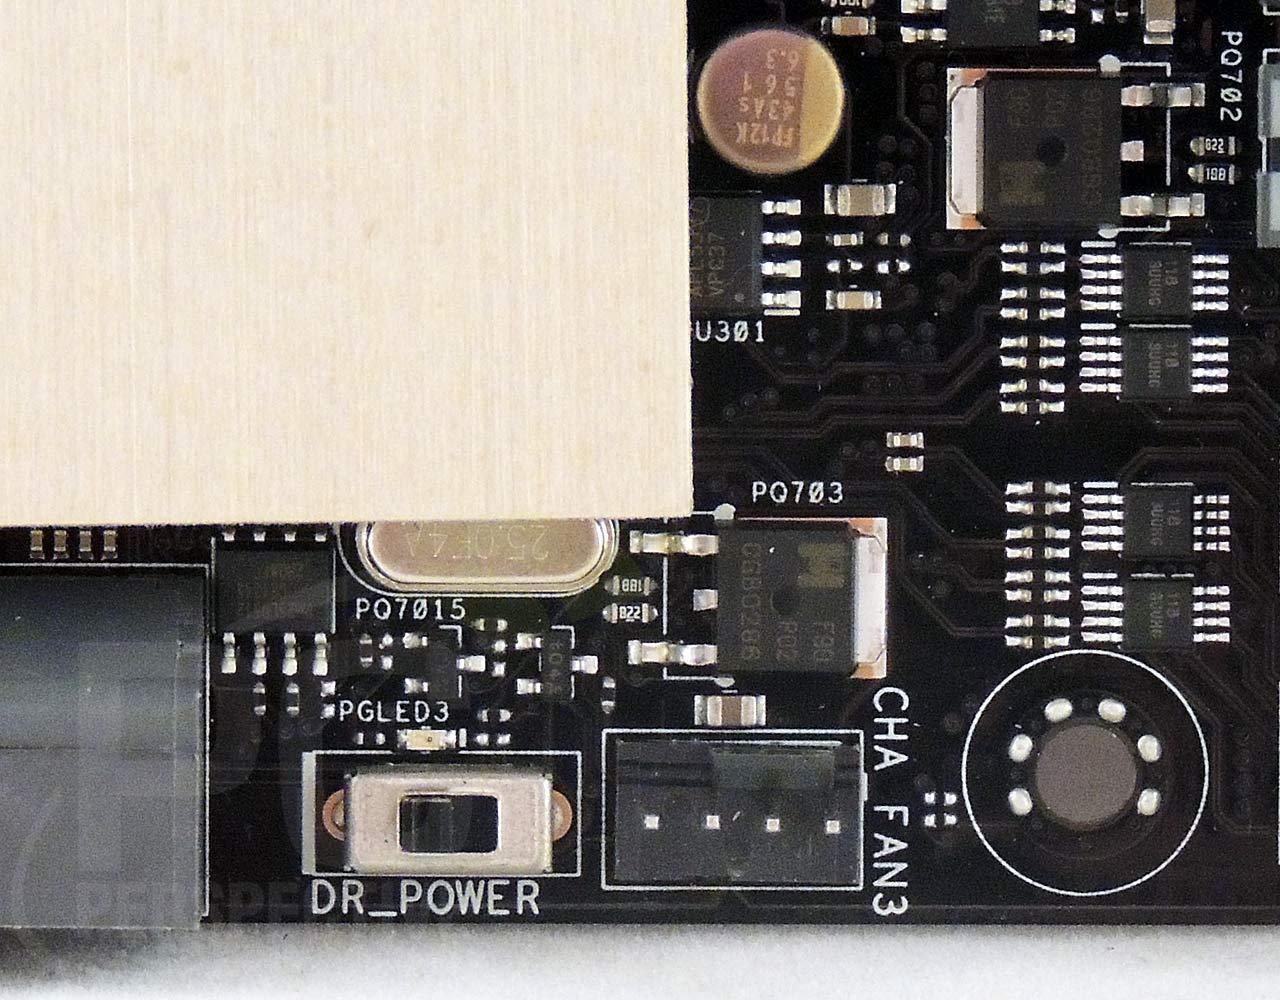 16-sb-lower-right.jpg